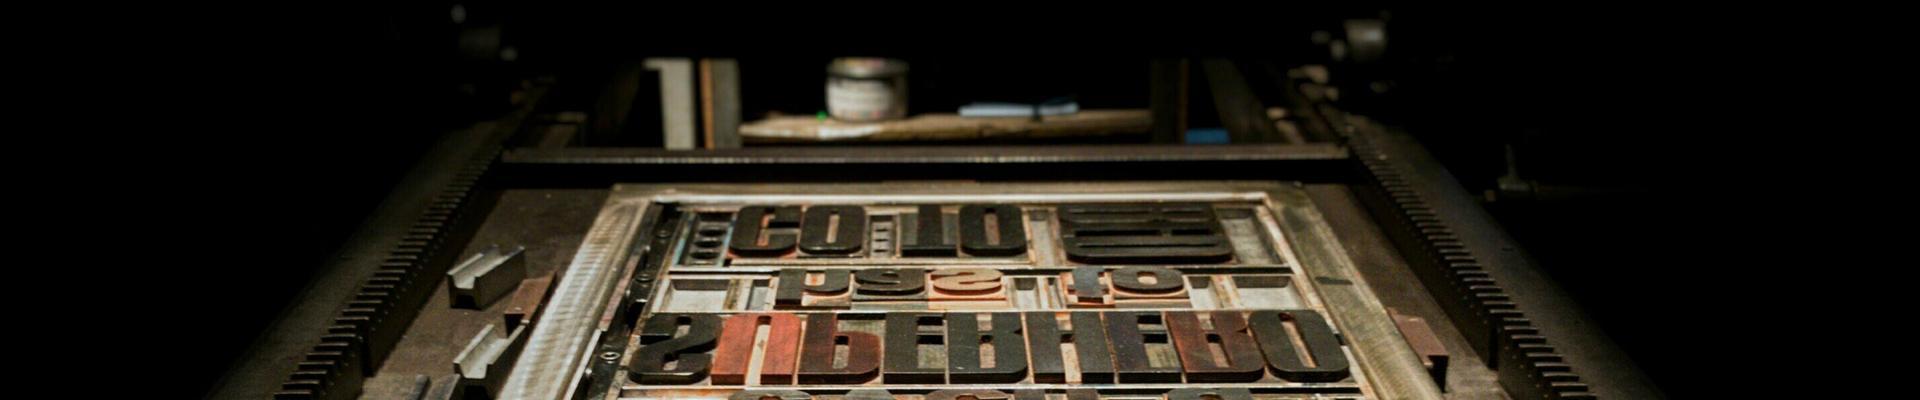 Uw druk- en printwerk professioneel verzorgd